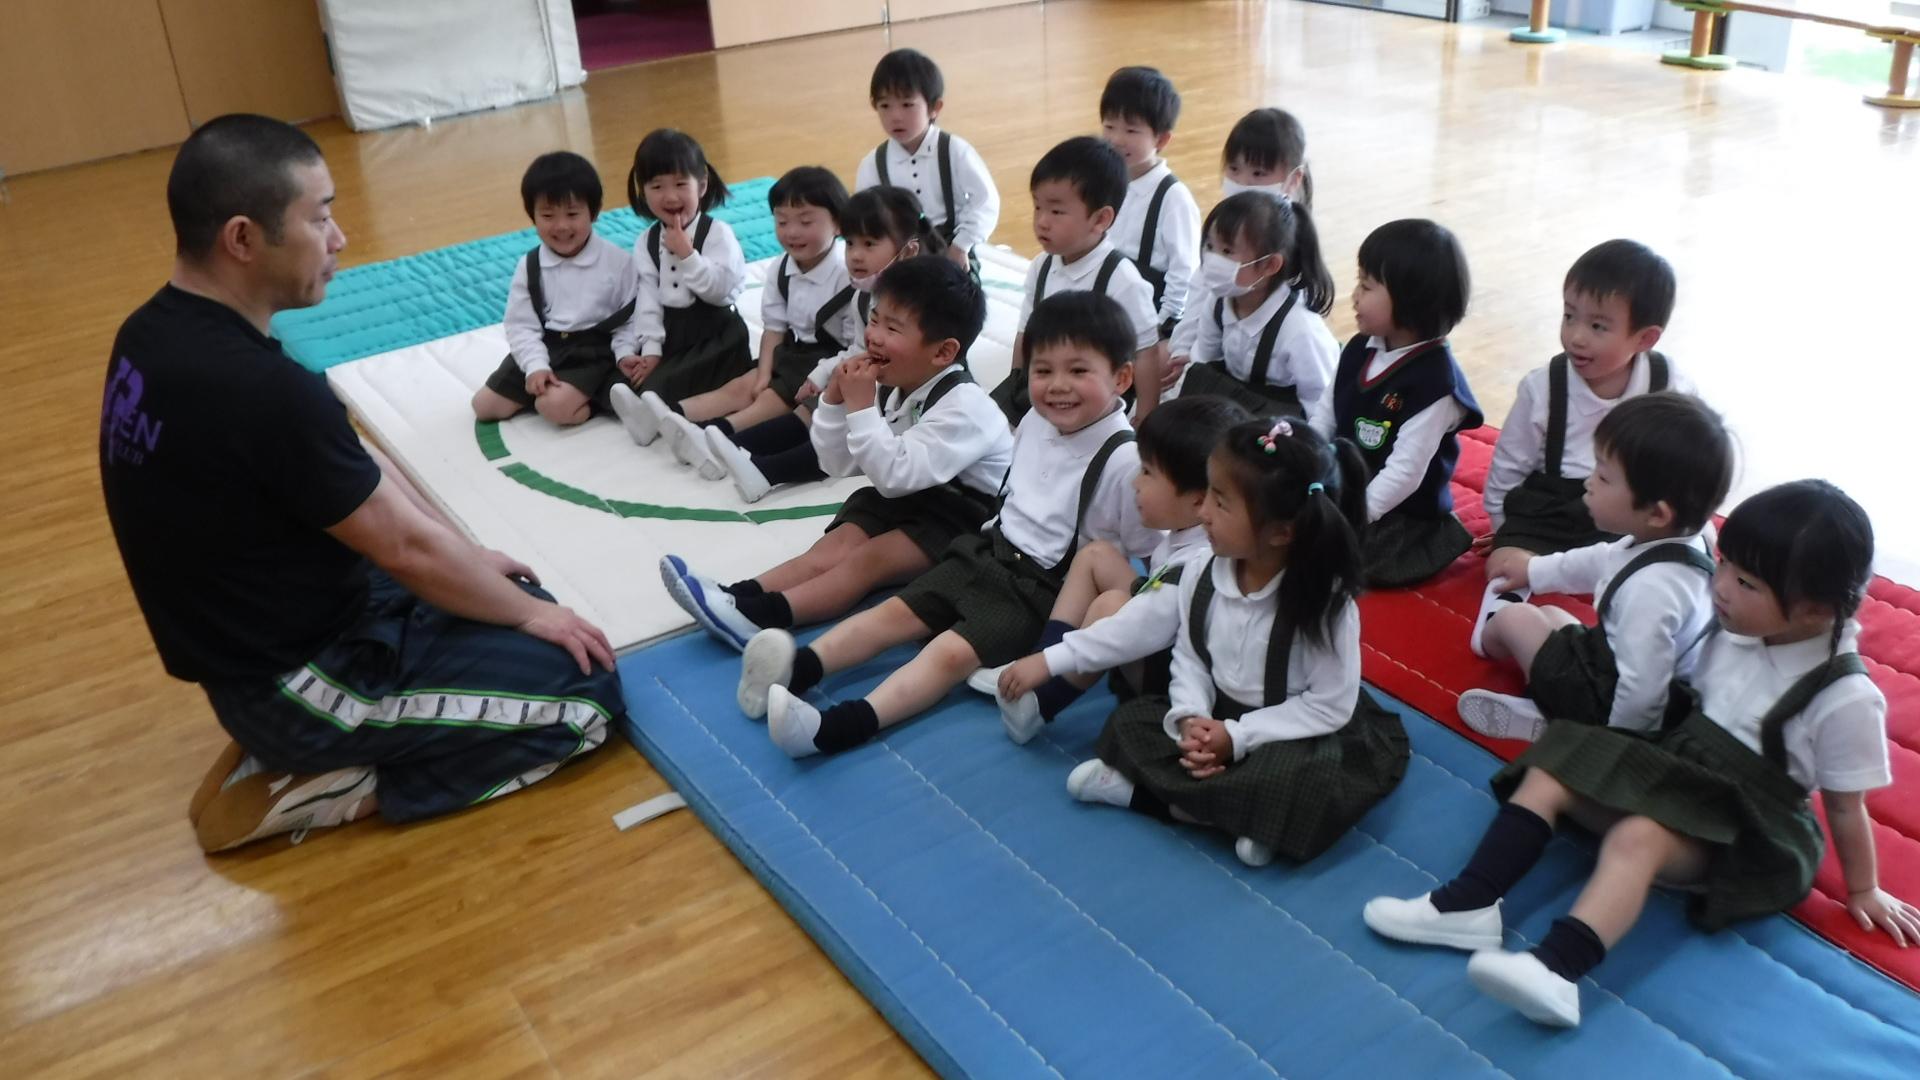 体操教室☆英語教室